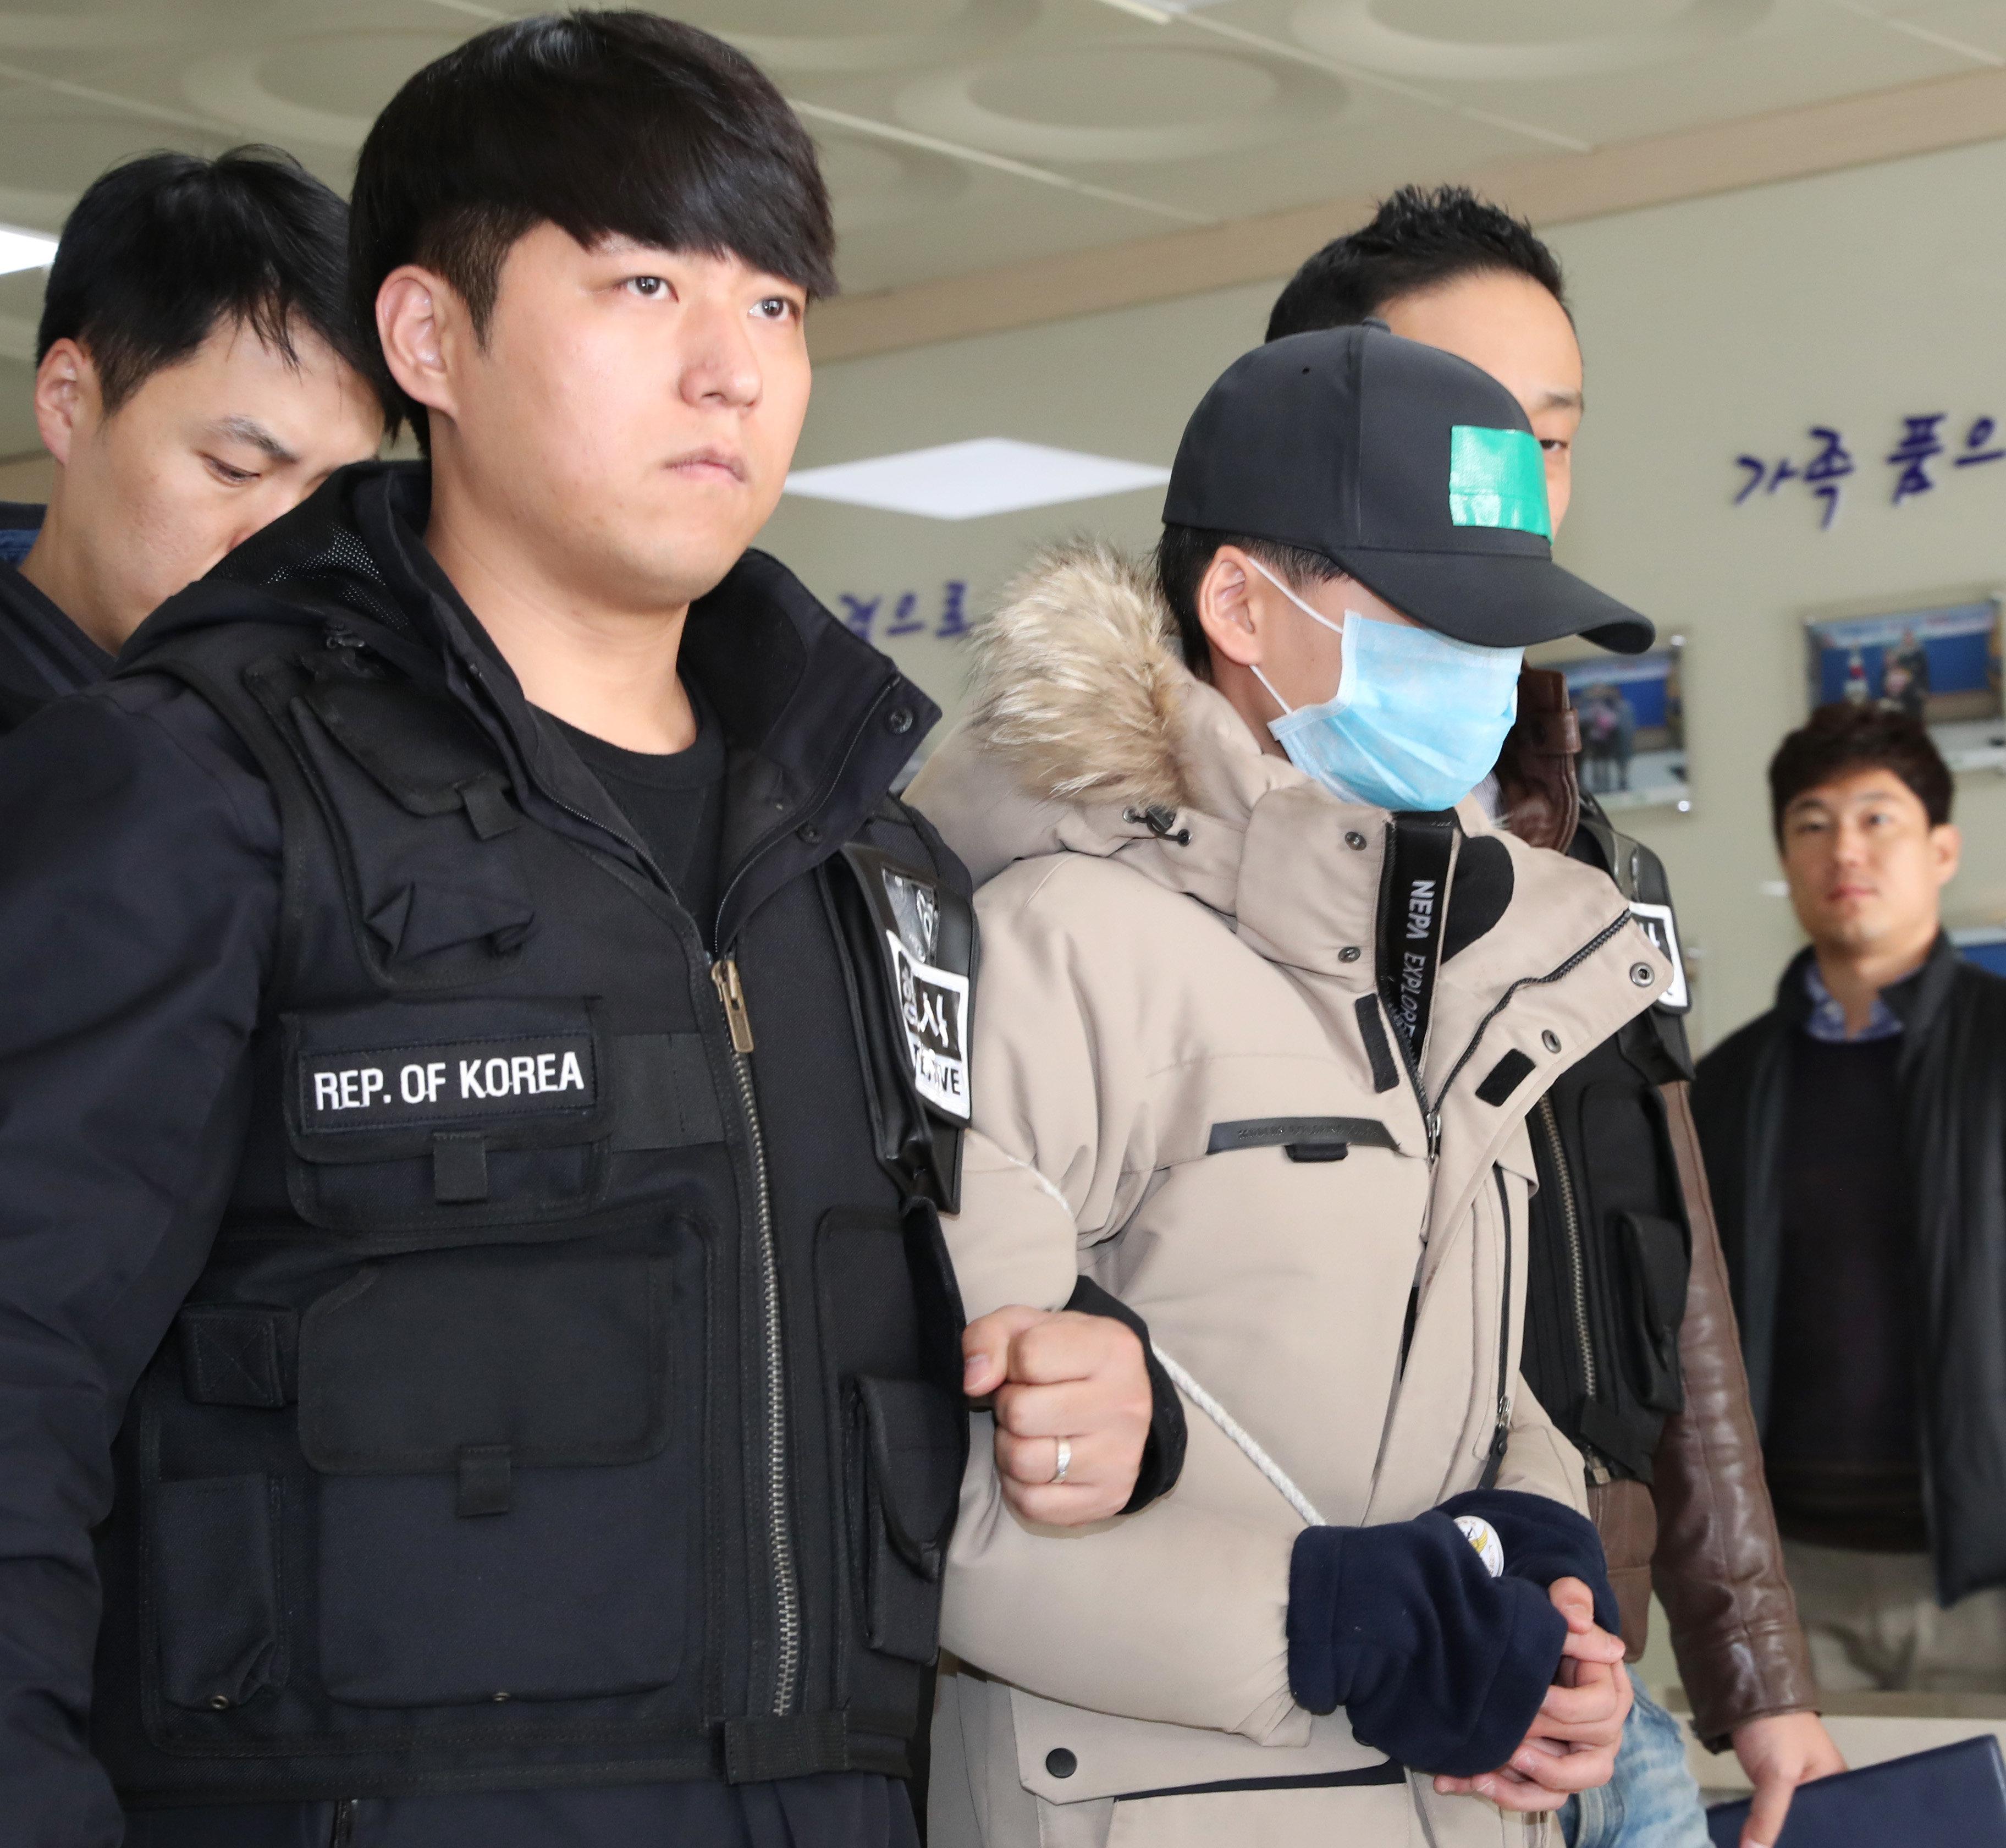 '인천 중학생 추락사' 가해자가 피해자 패딩입고 출두한 이유에 대한 전문가의